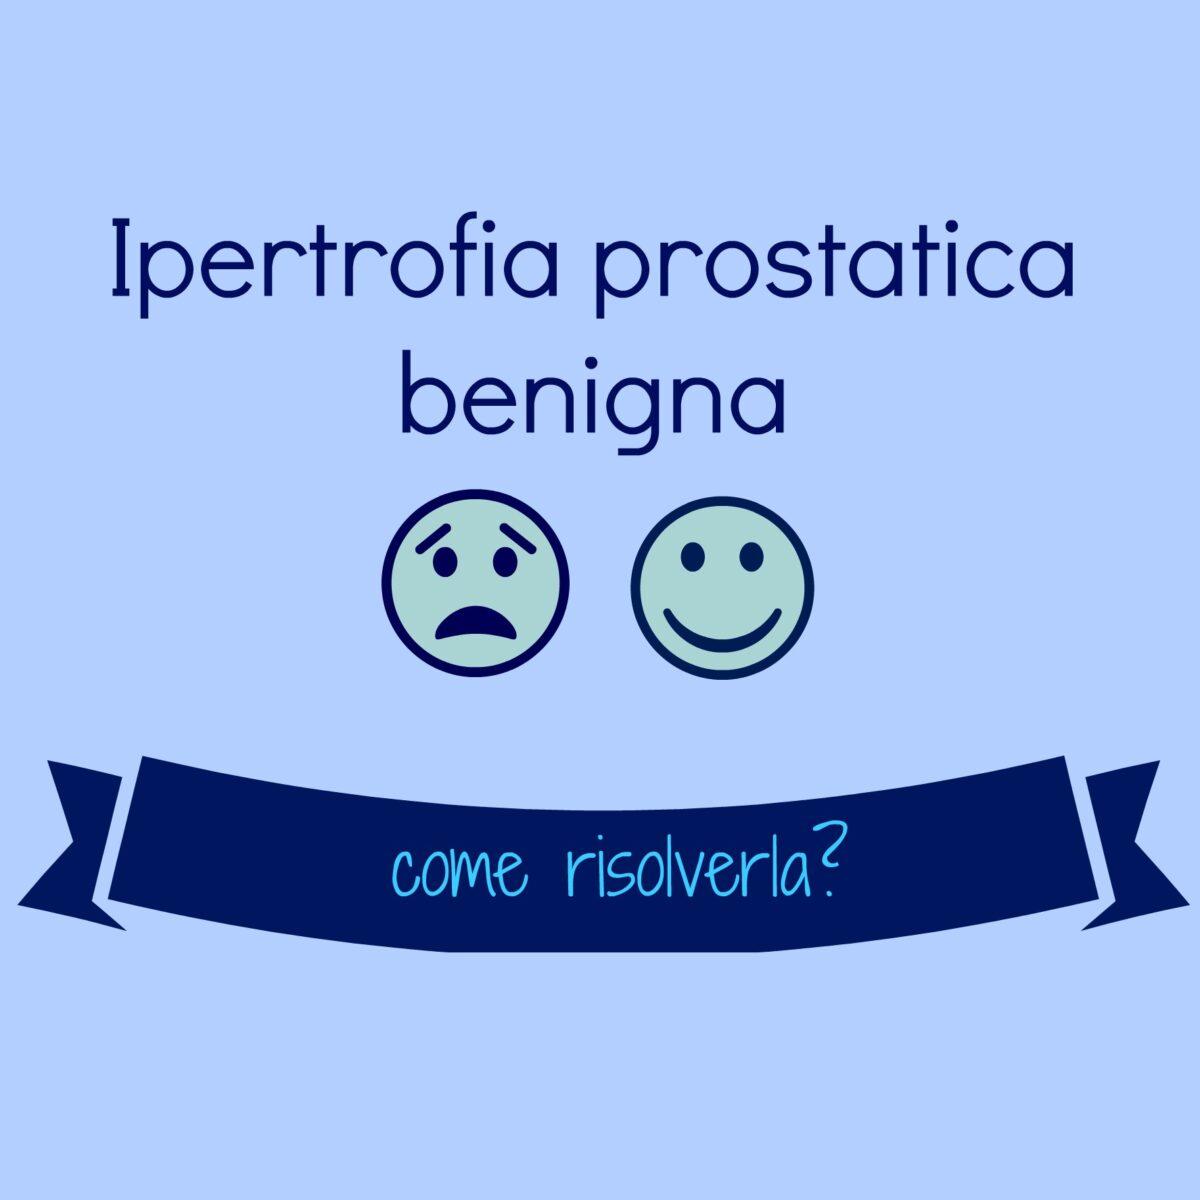 A prosztatitis magnetoterápiás kezelése Tour Prostata Transuretral Reciration